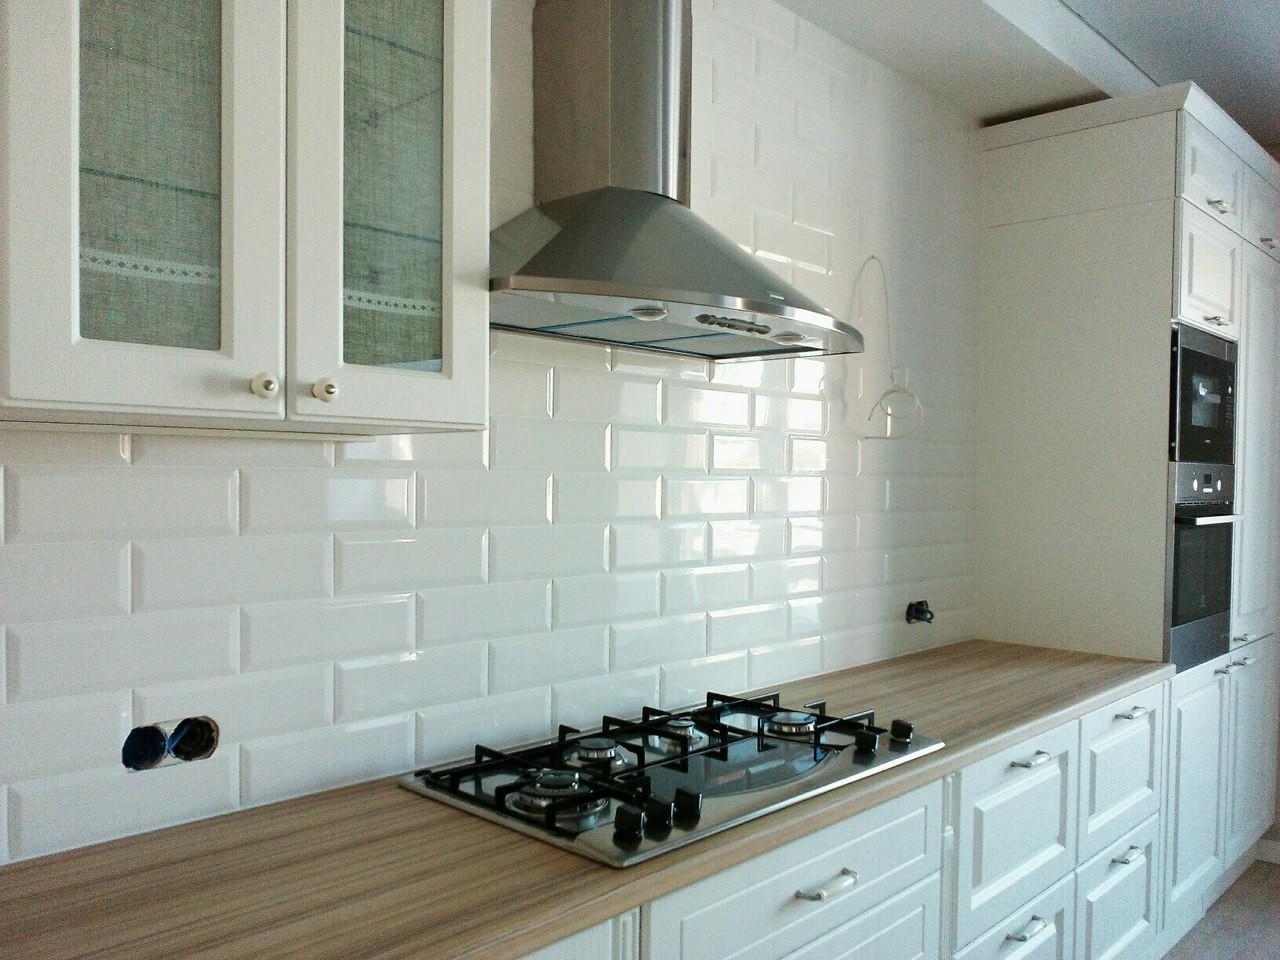 Кухни леруа мерлен (30 фото): каталог и цены 2019, отзывы, советы по выбору